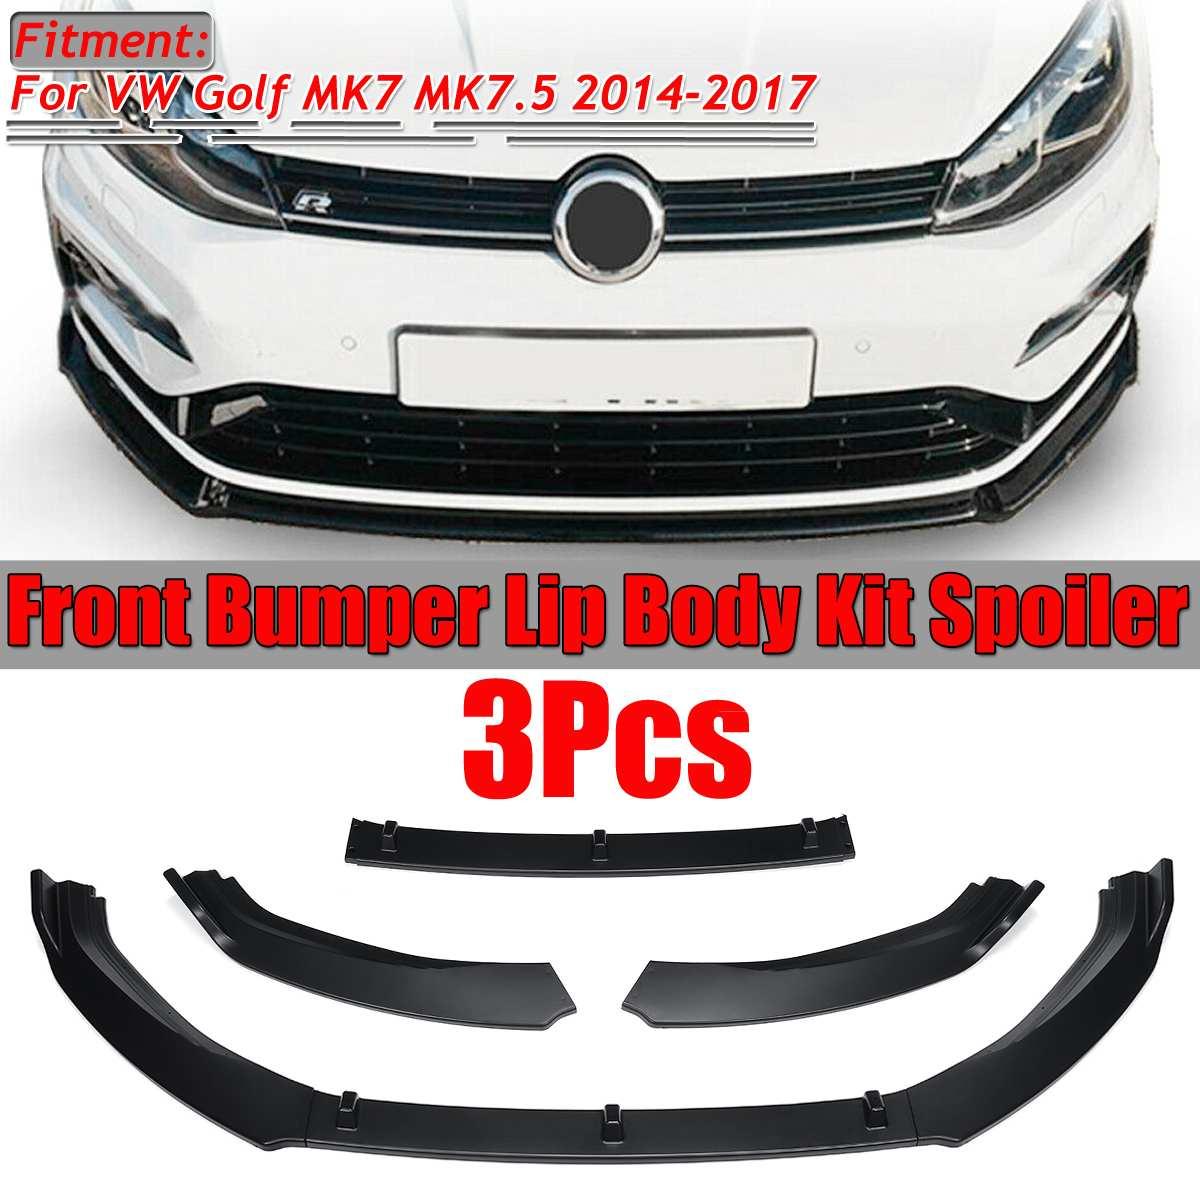 3 Pcs Auto Voorbumper Splitter Lip Spoiler Diffuser Protector Guard Cover Trim Voor Vw Voor Golf MK7 MK7.5 2014 2015 2016 2017